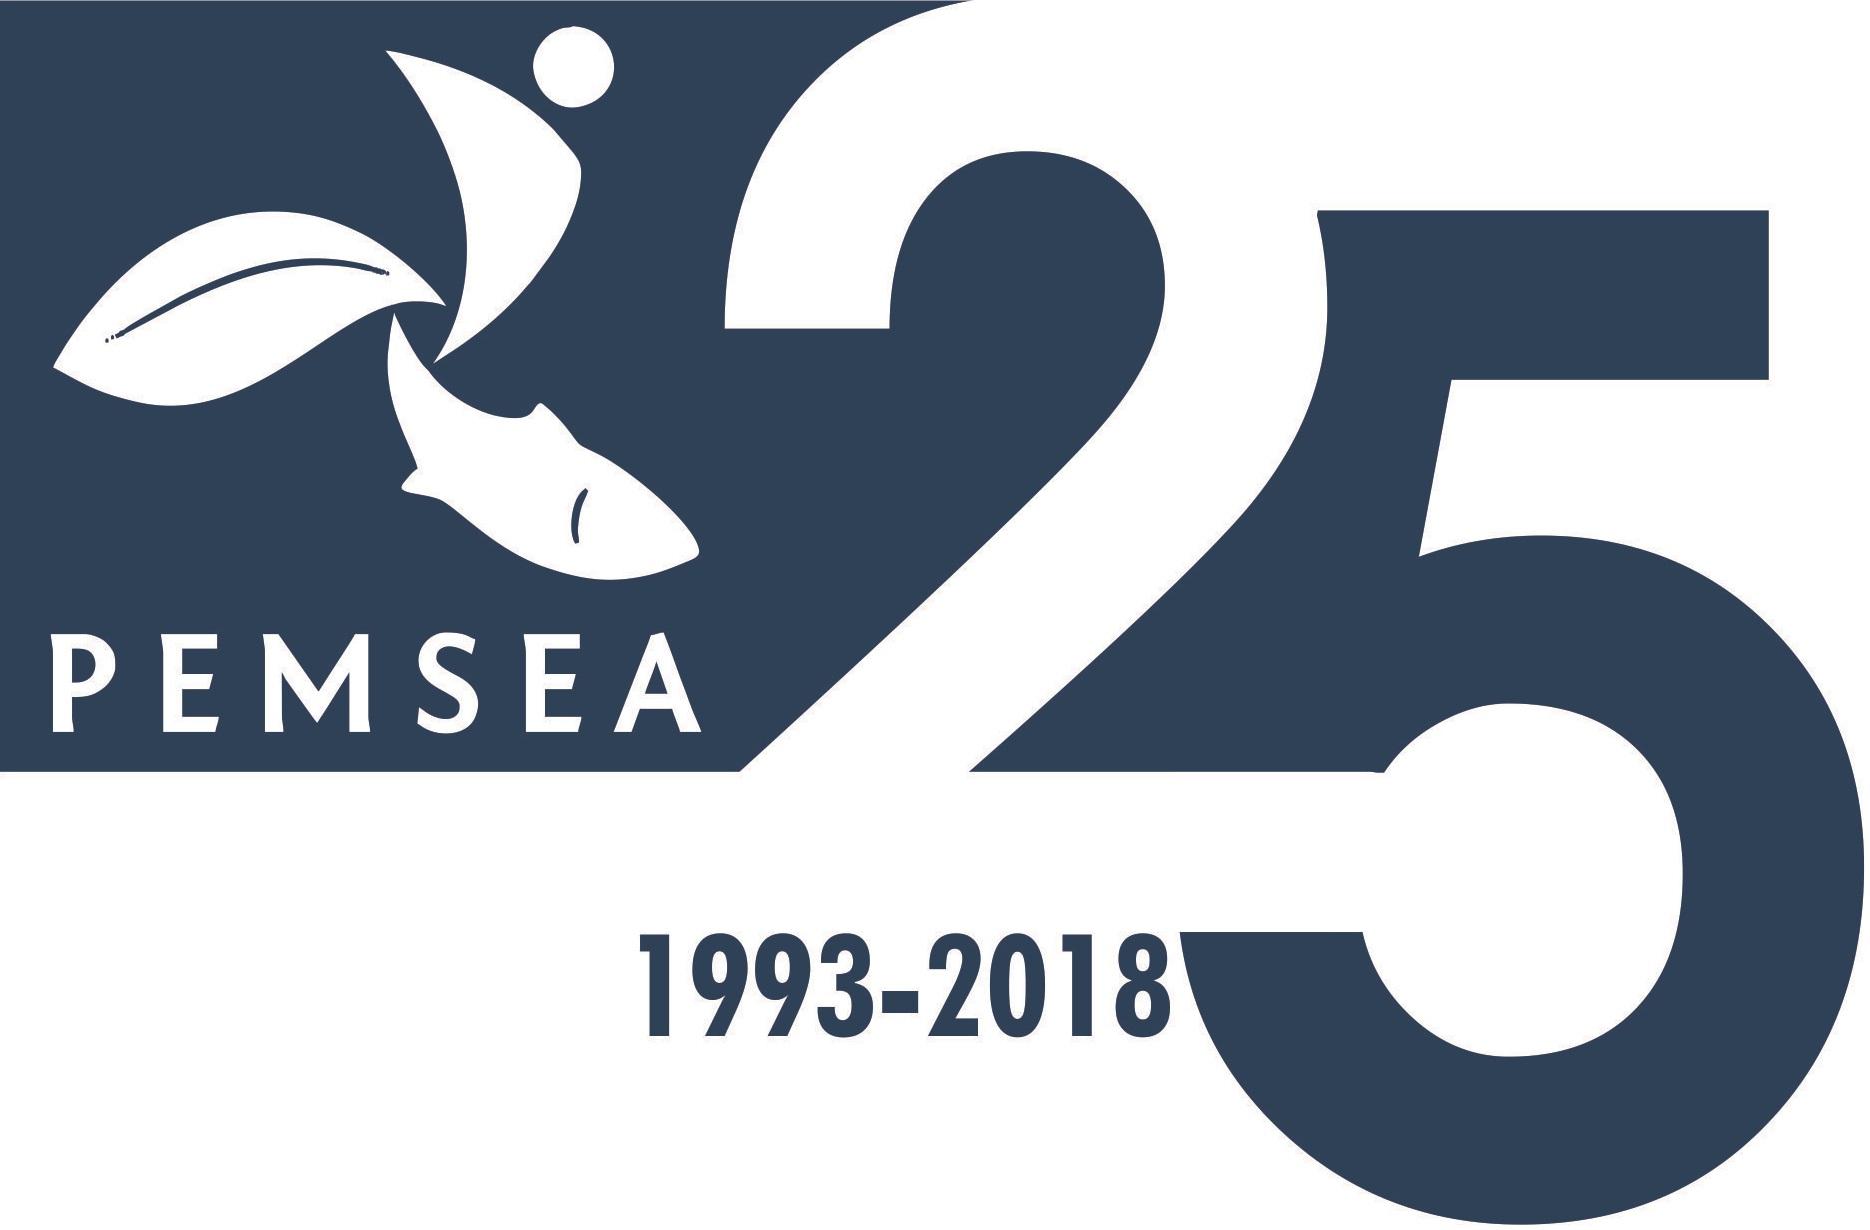 PEMSEA 1993-2018